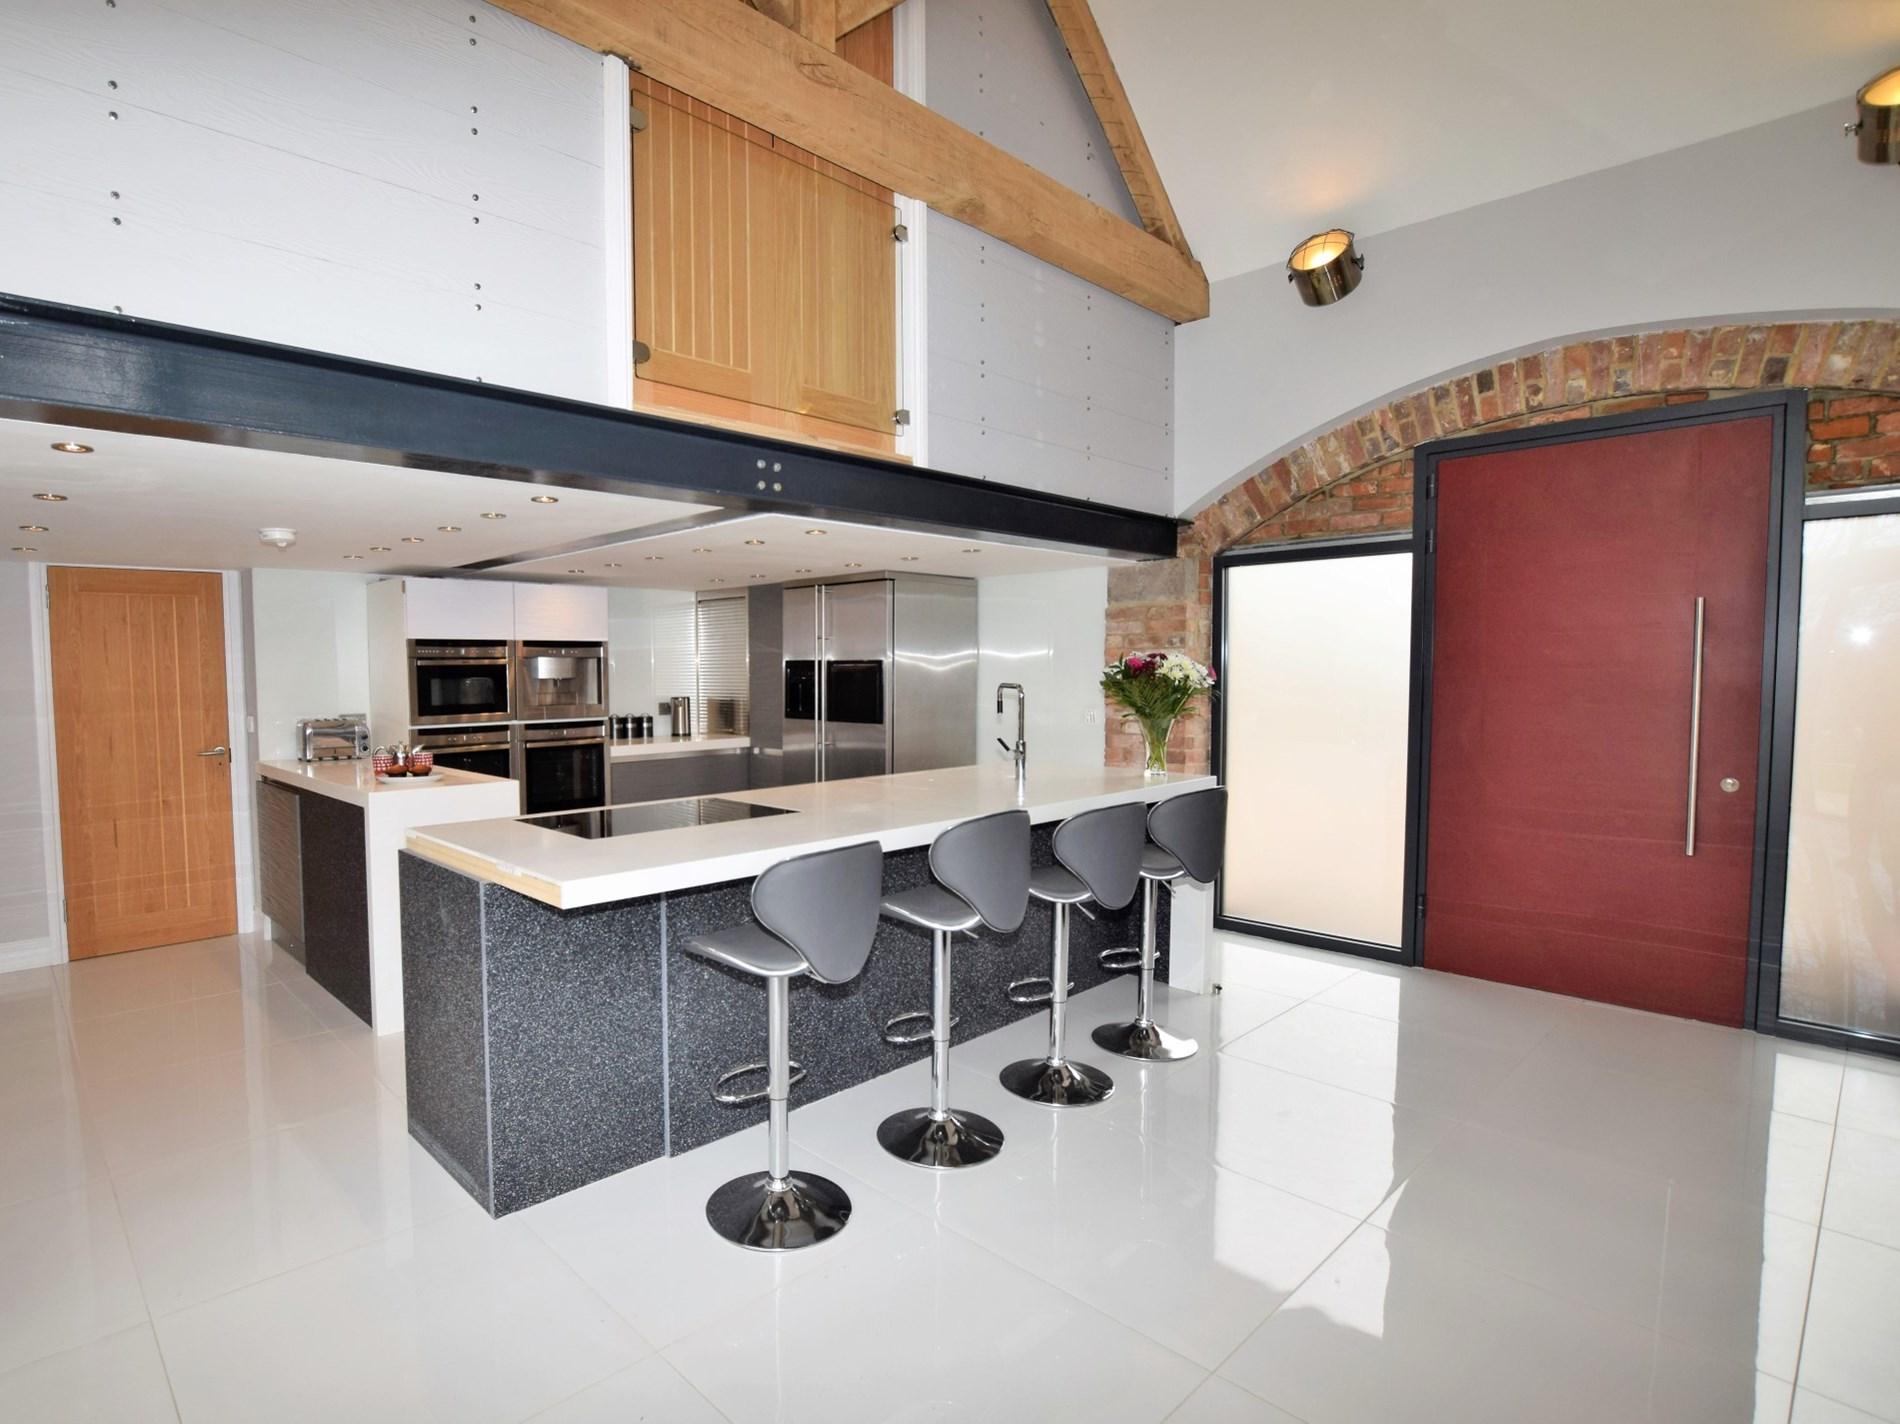 Stylish kitchen area